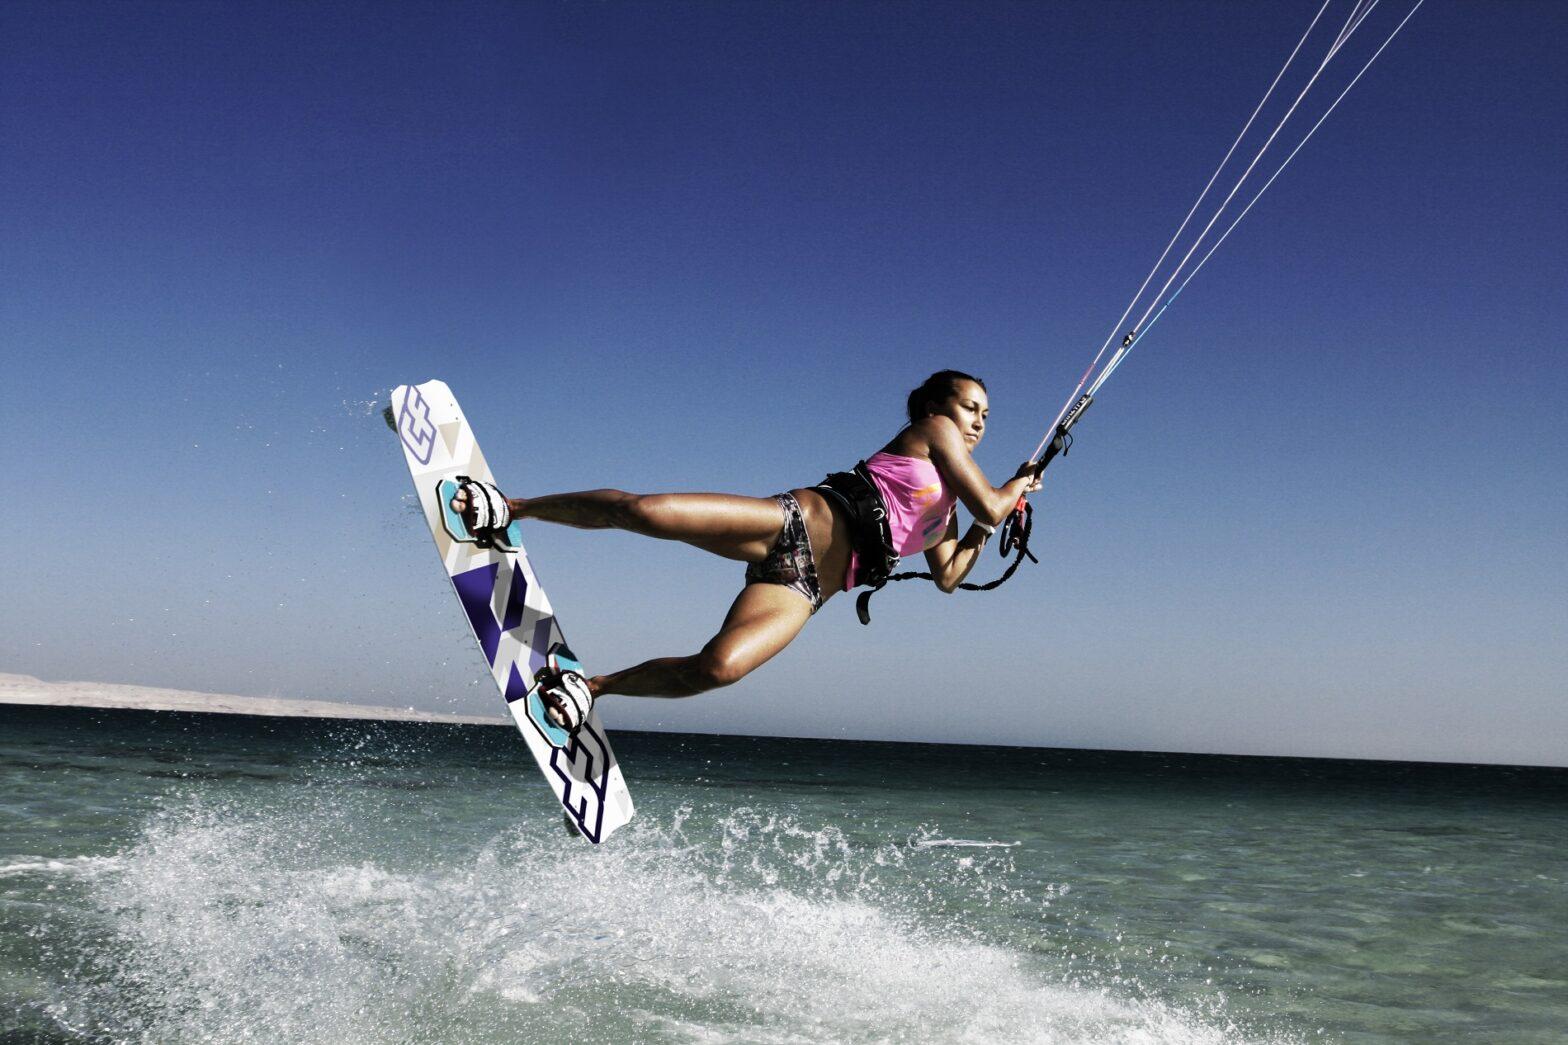 Kitesurfen Sardinien: Kitesurf Giorgino, Sardinien Kite Spot in Cagliari